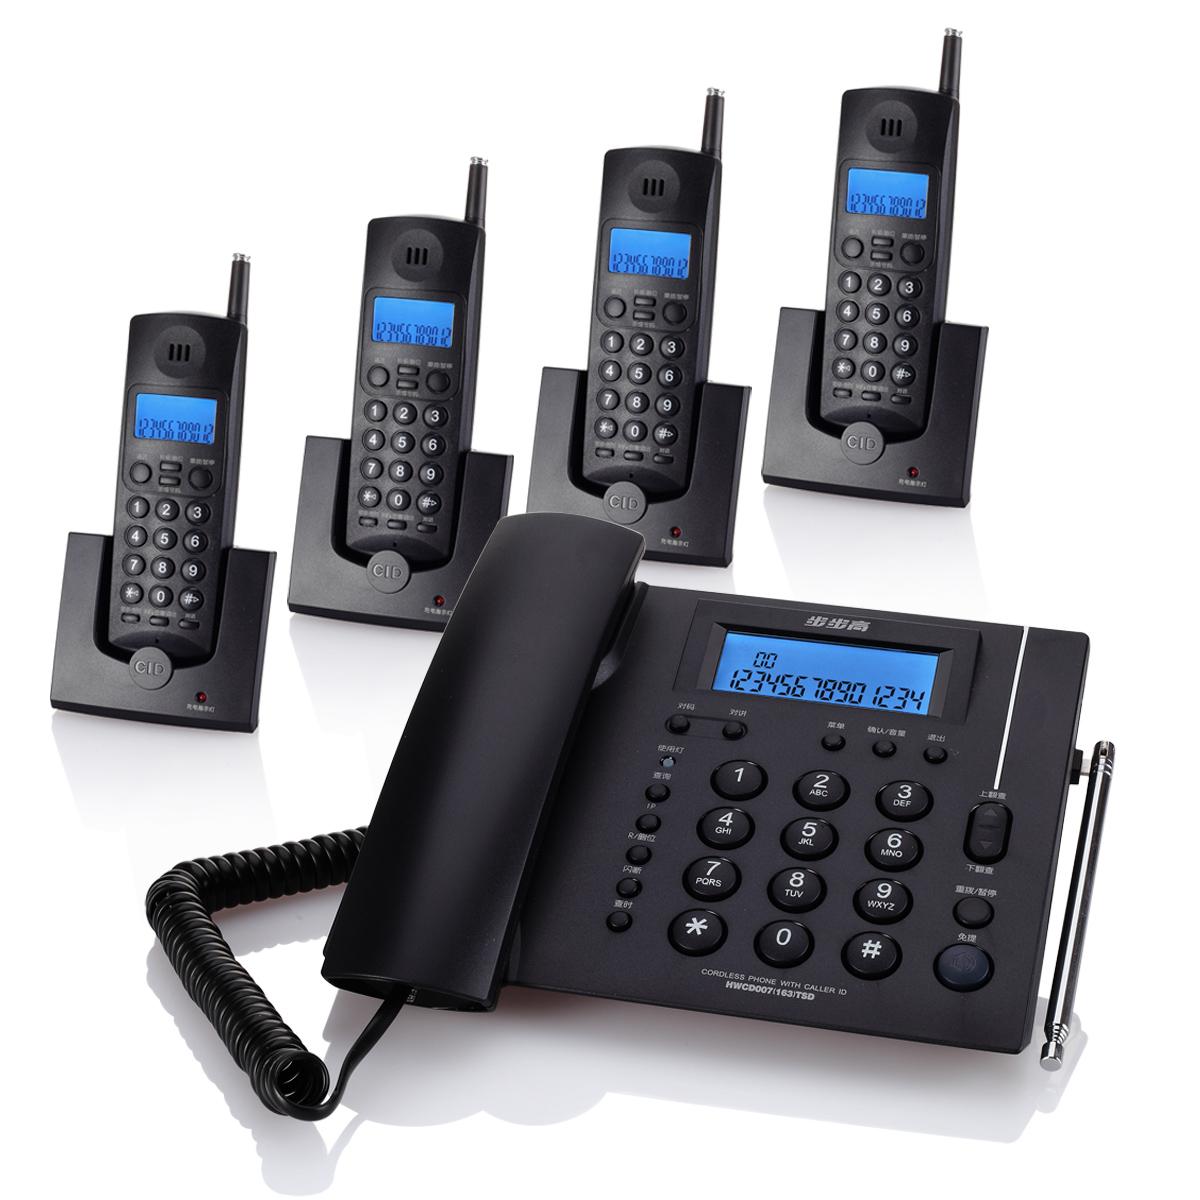 步步高电话机W163/W263 无绳电话子母机办公家用无线座机固定电话